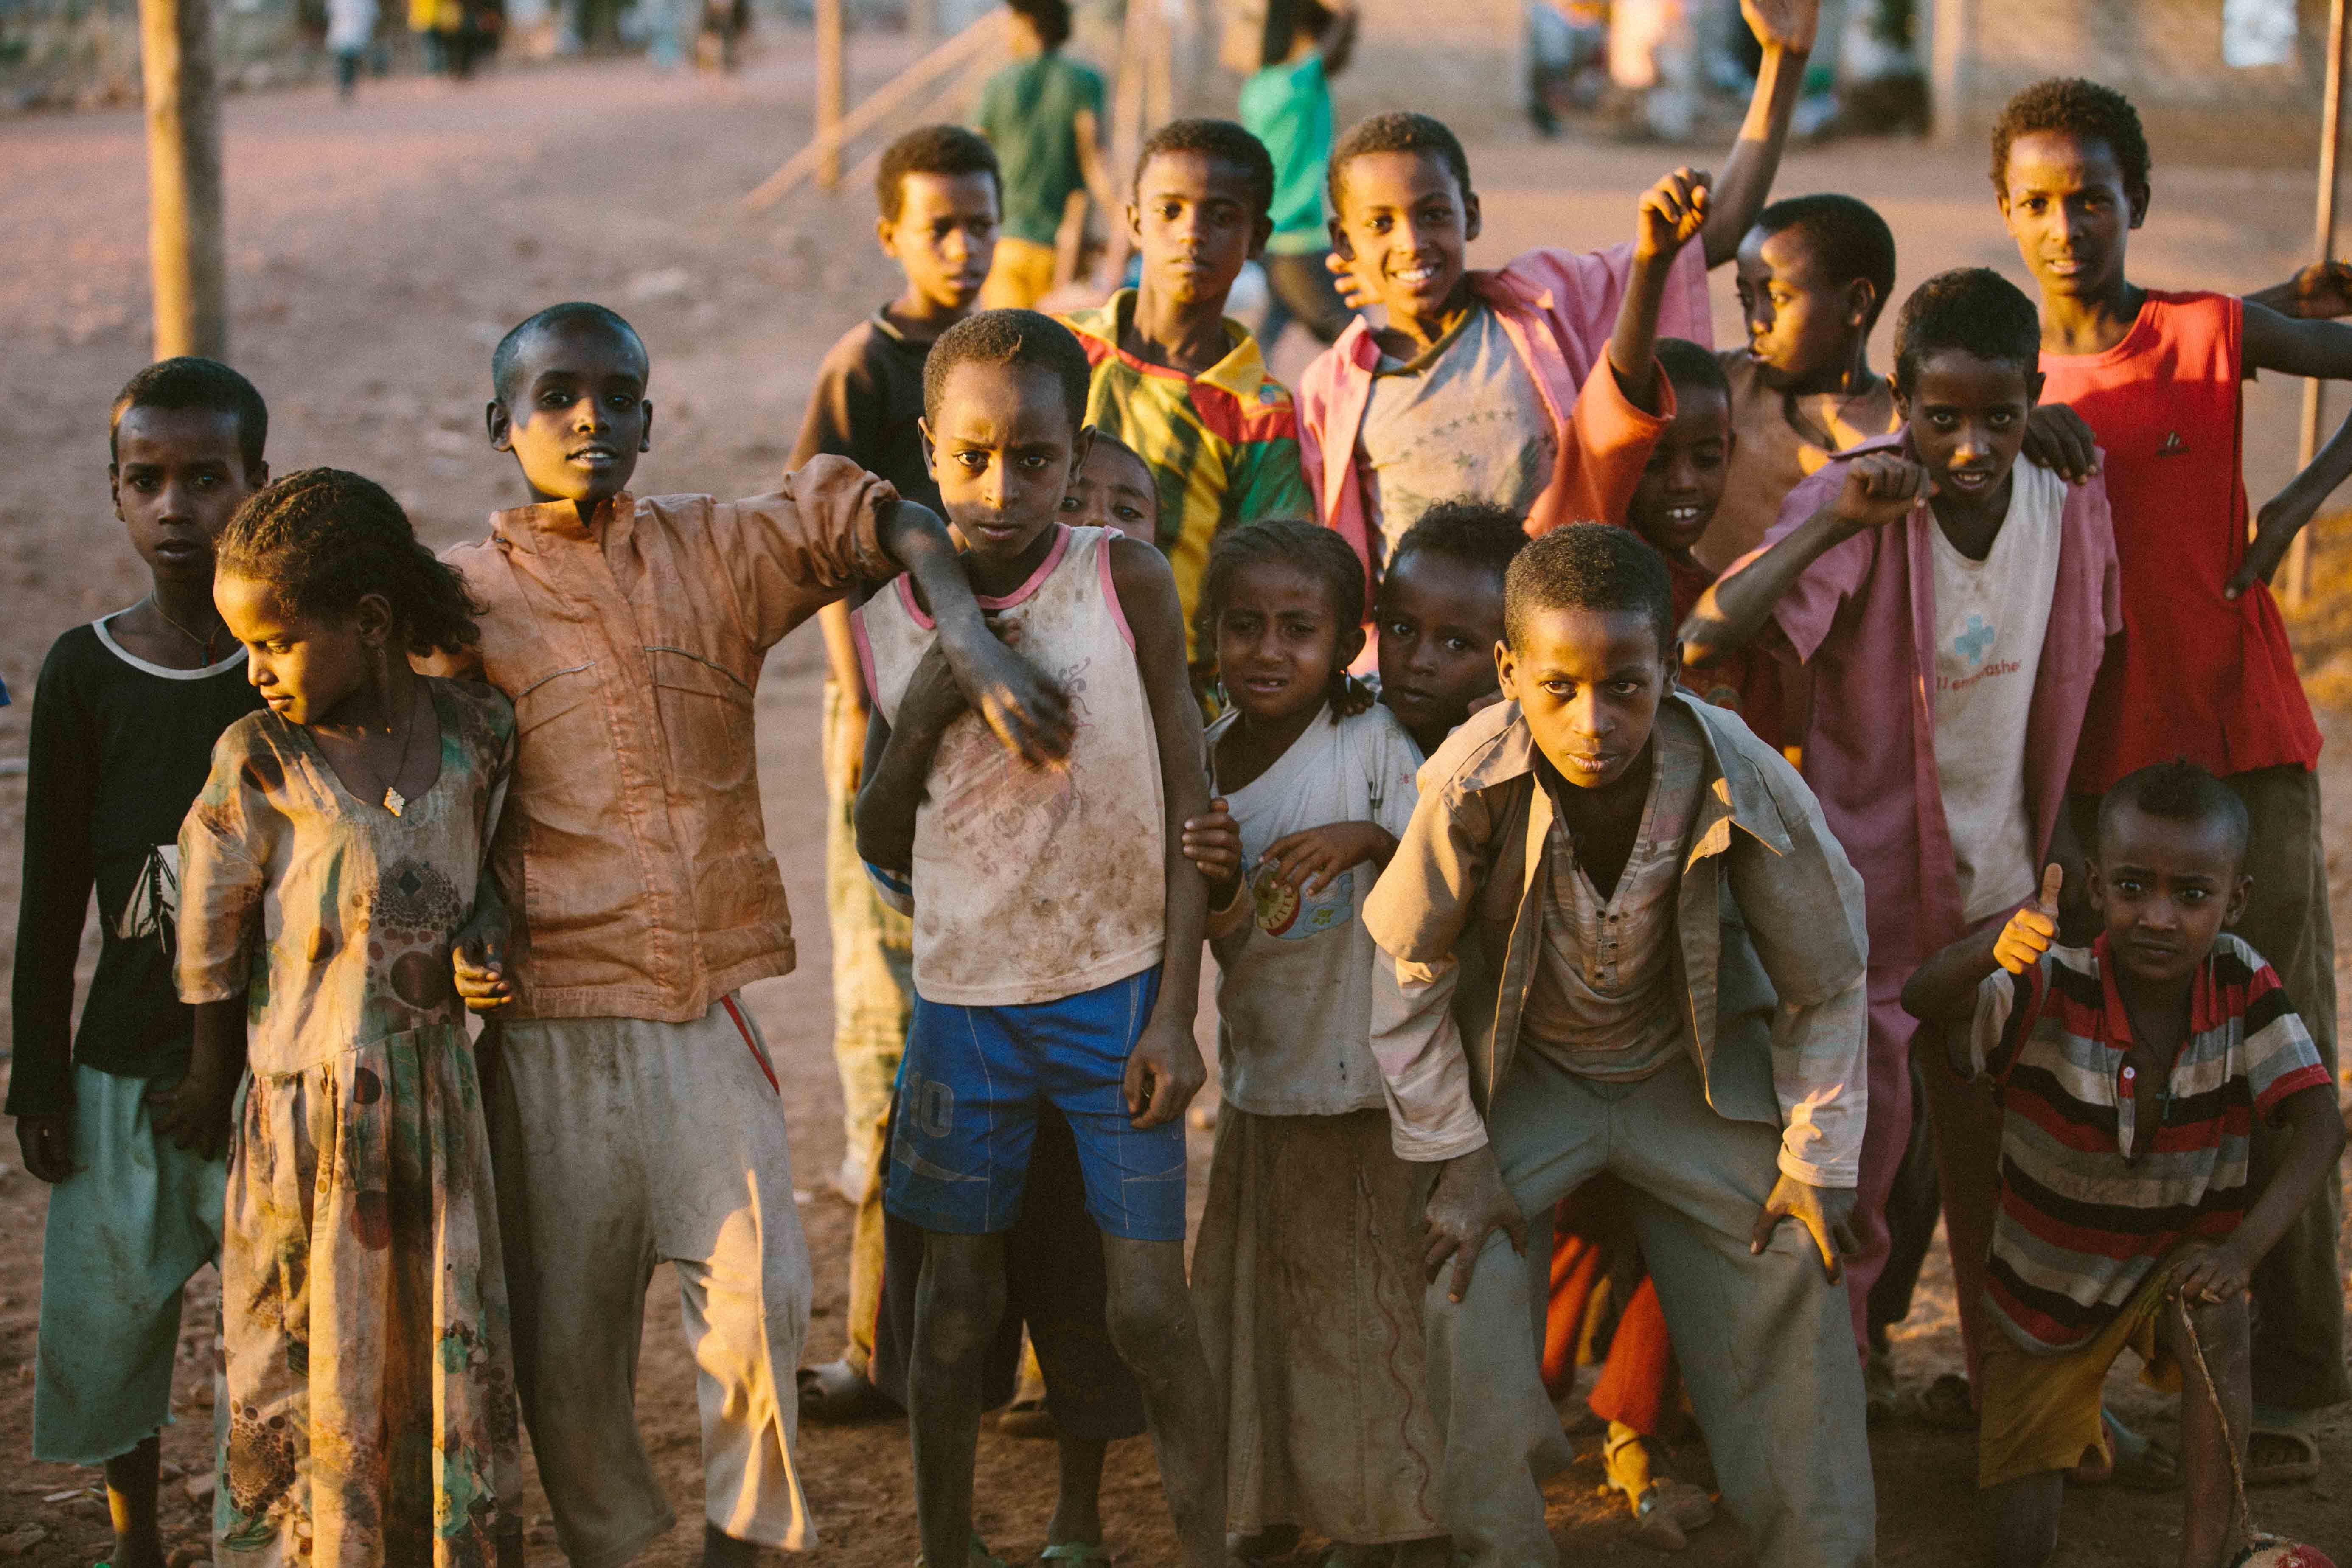 http://mrsn.org.uk/media/eritrea-2.jpg